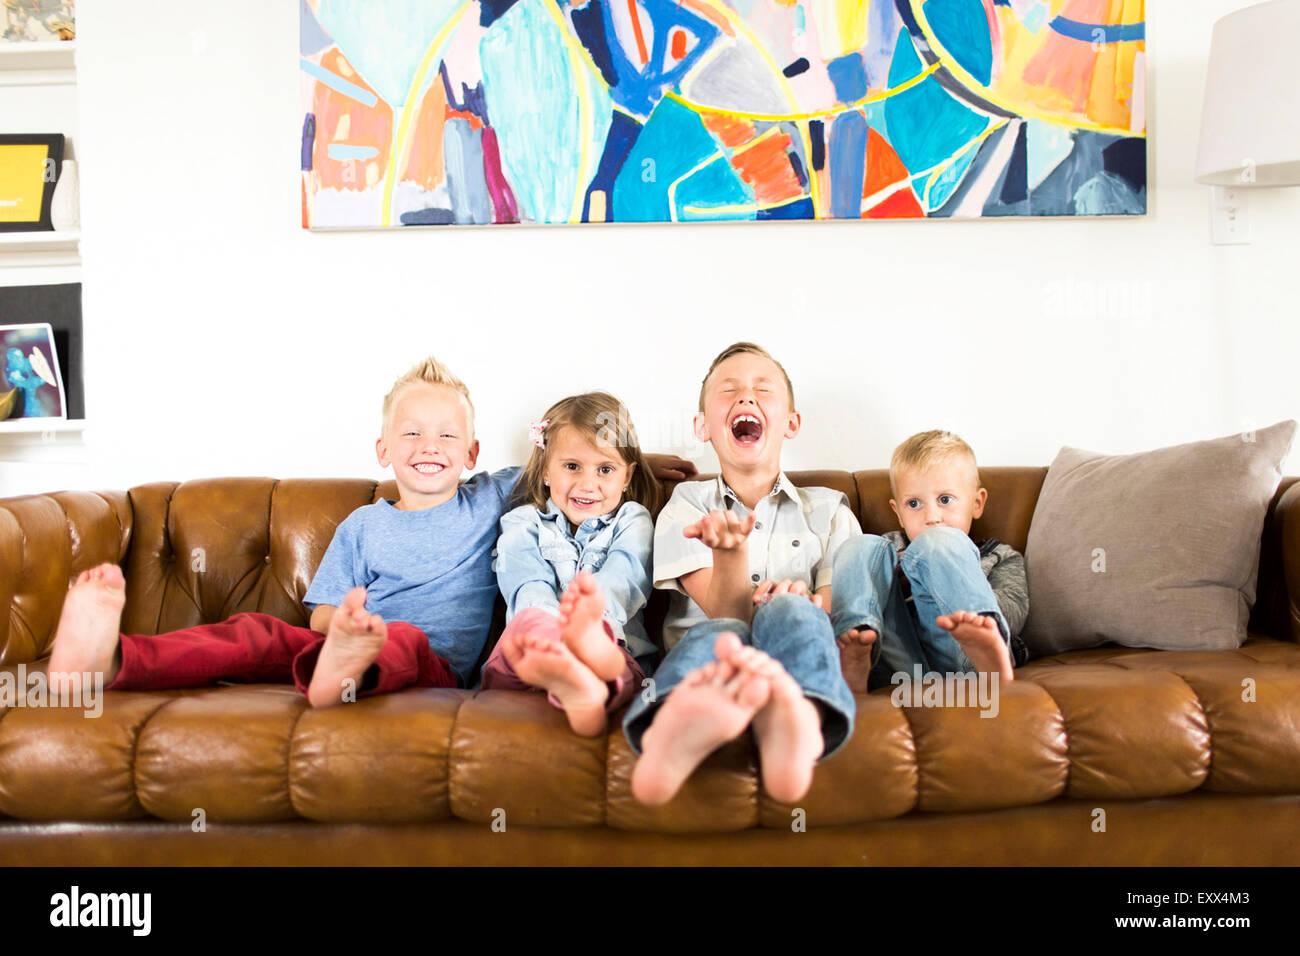 Niños y niñas sonrientes (2-3, 4-5, 6-7) sentados en el sofá Imagen De Stock